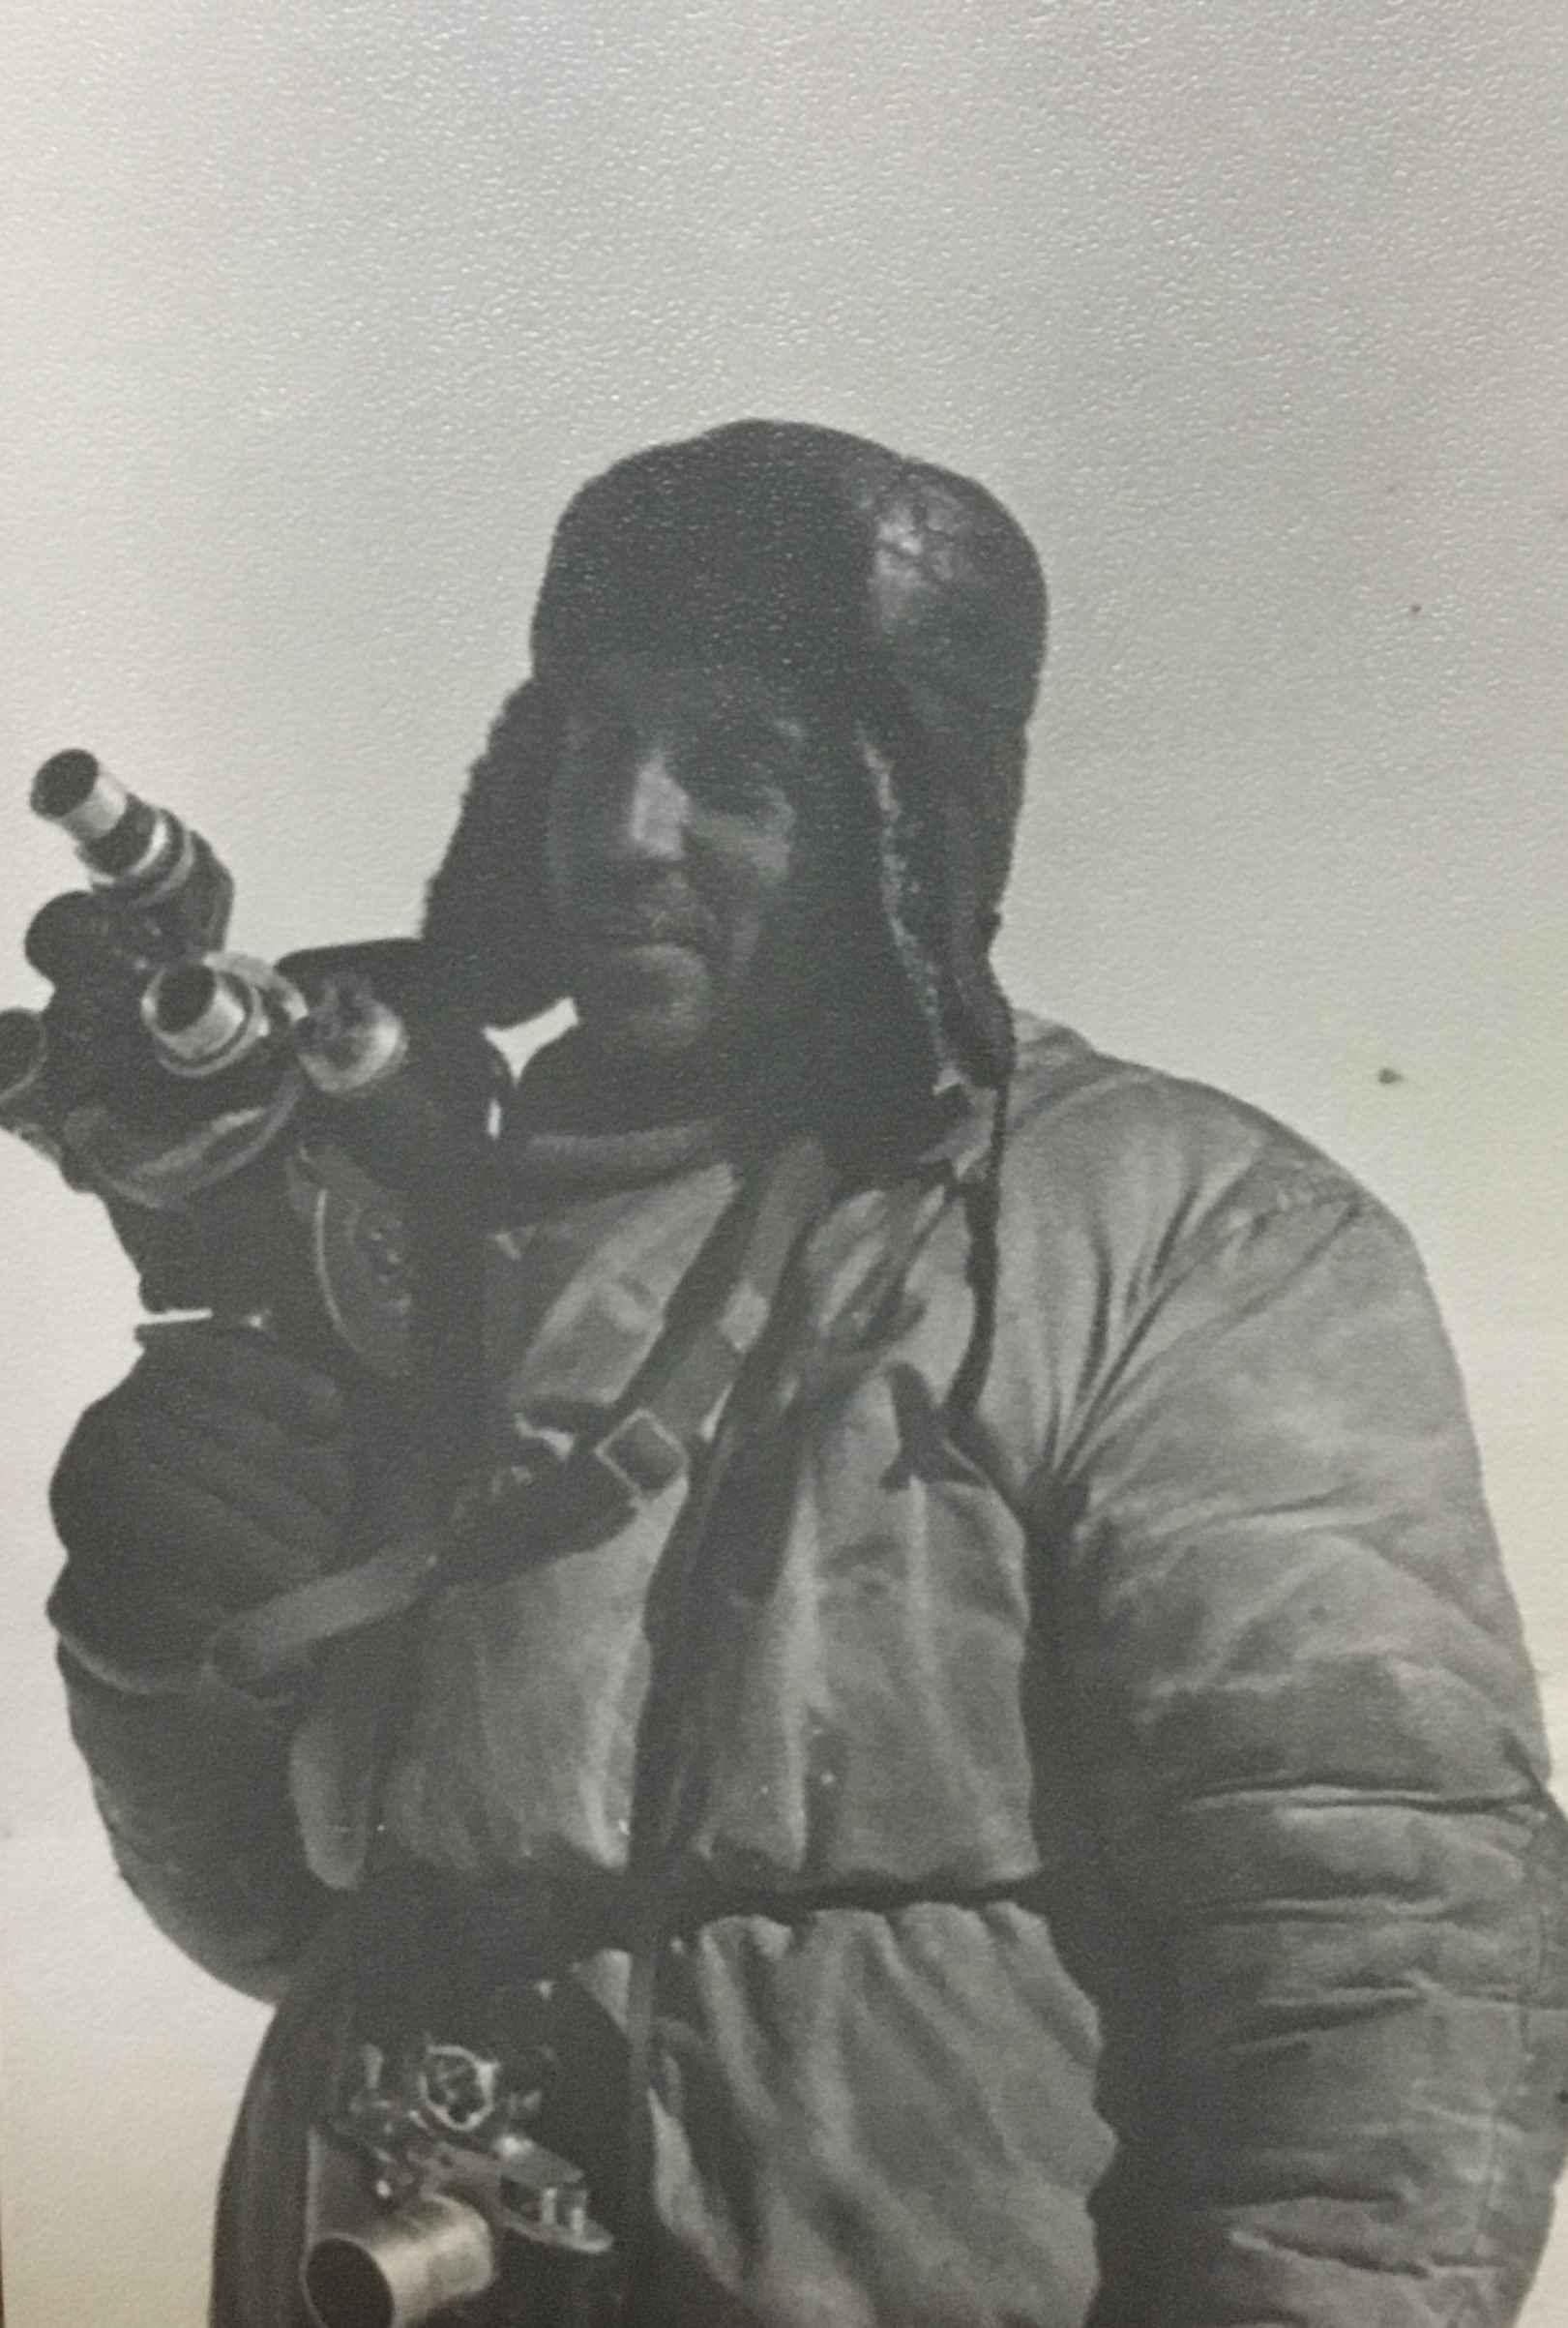 Экспонат #13. Оператор Николай Шмаков в Антарктиде. 1957 — 1958 гг.